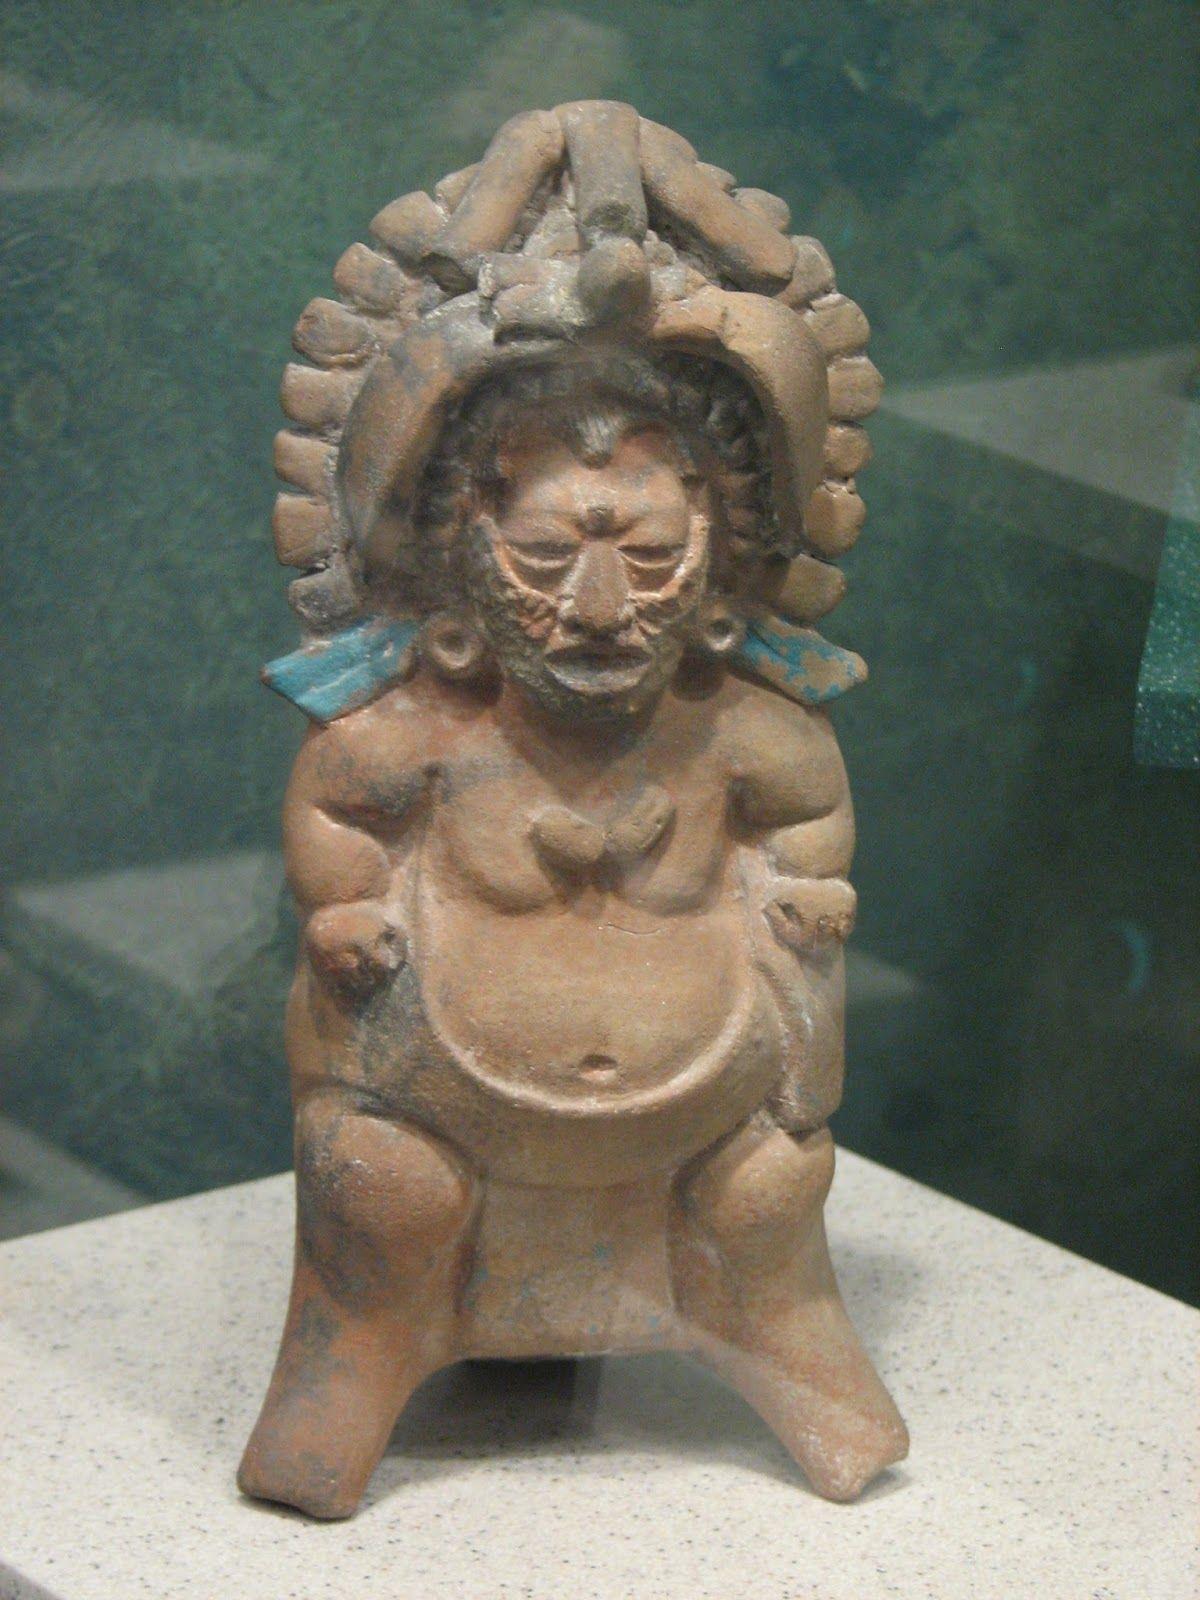 Museo+Nacional+de+Antropologia+176.JPG (1200×1600)